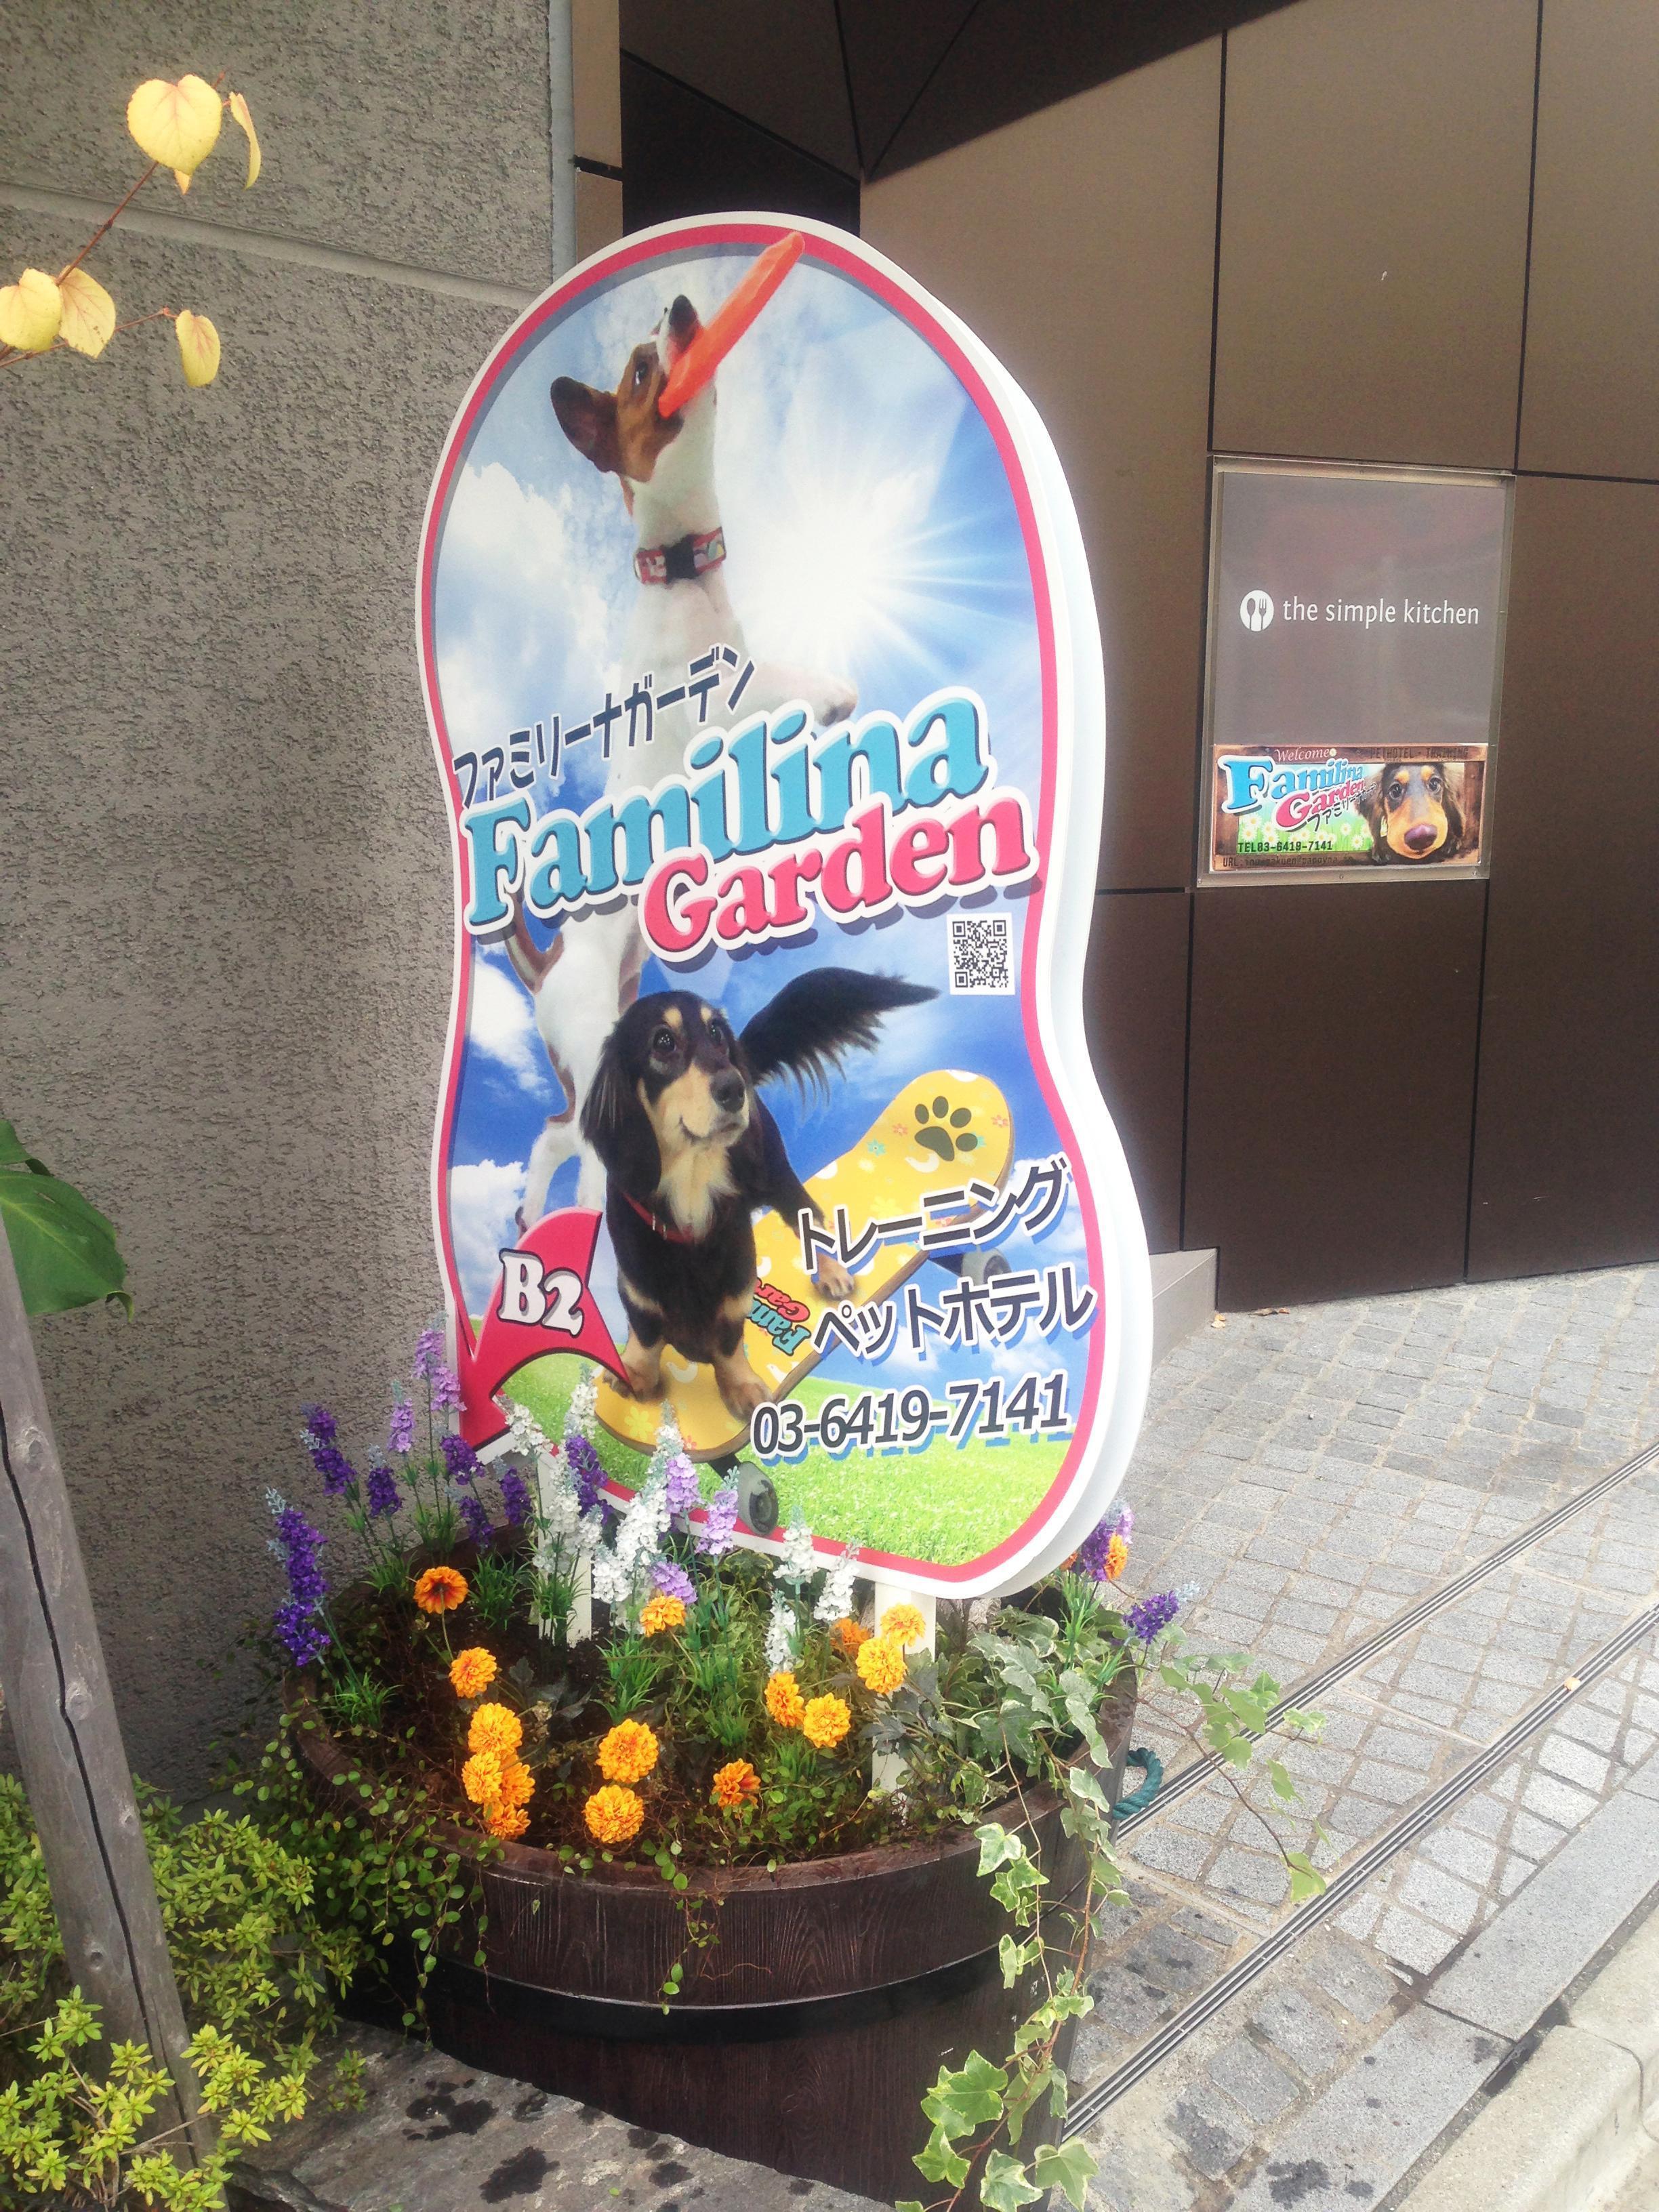 犬のトレーナー募集◆就職後1年で24万円◆経験者大歓迎!